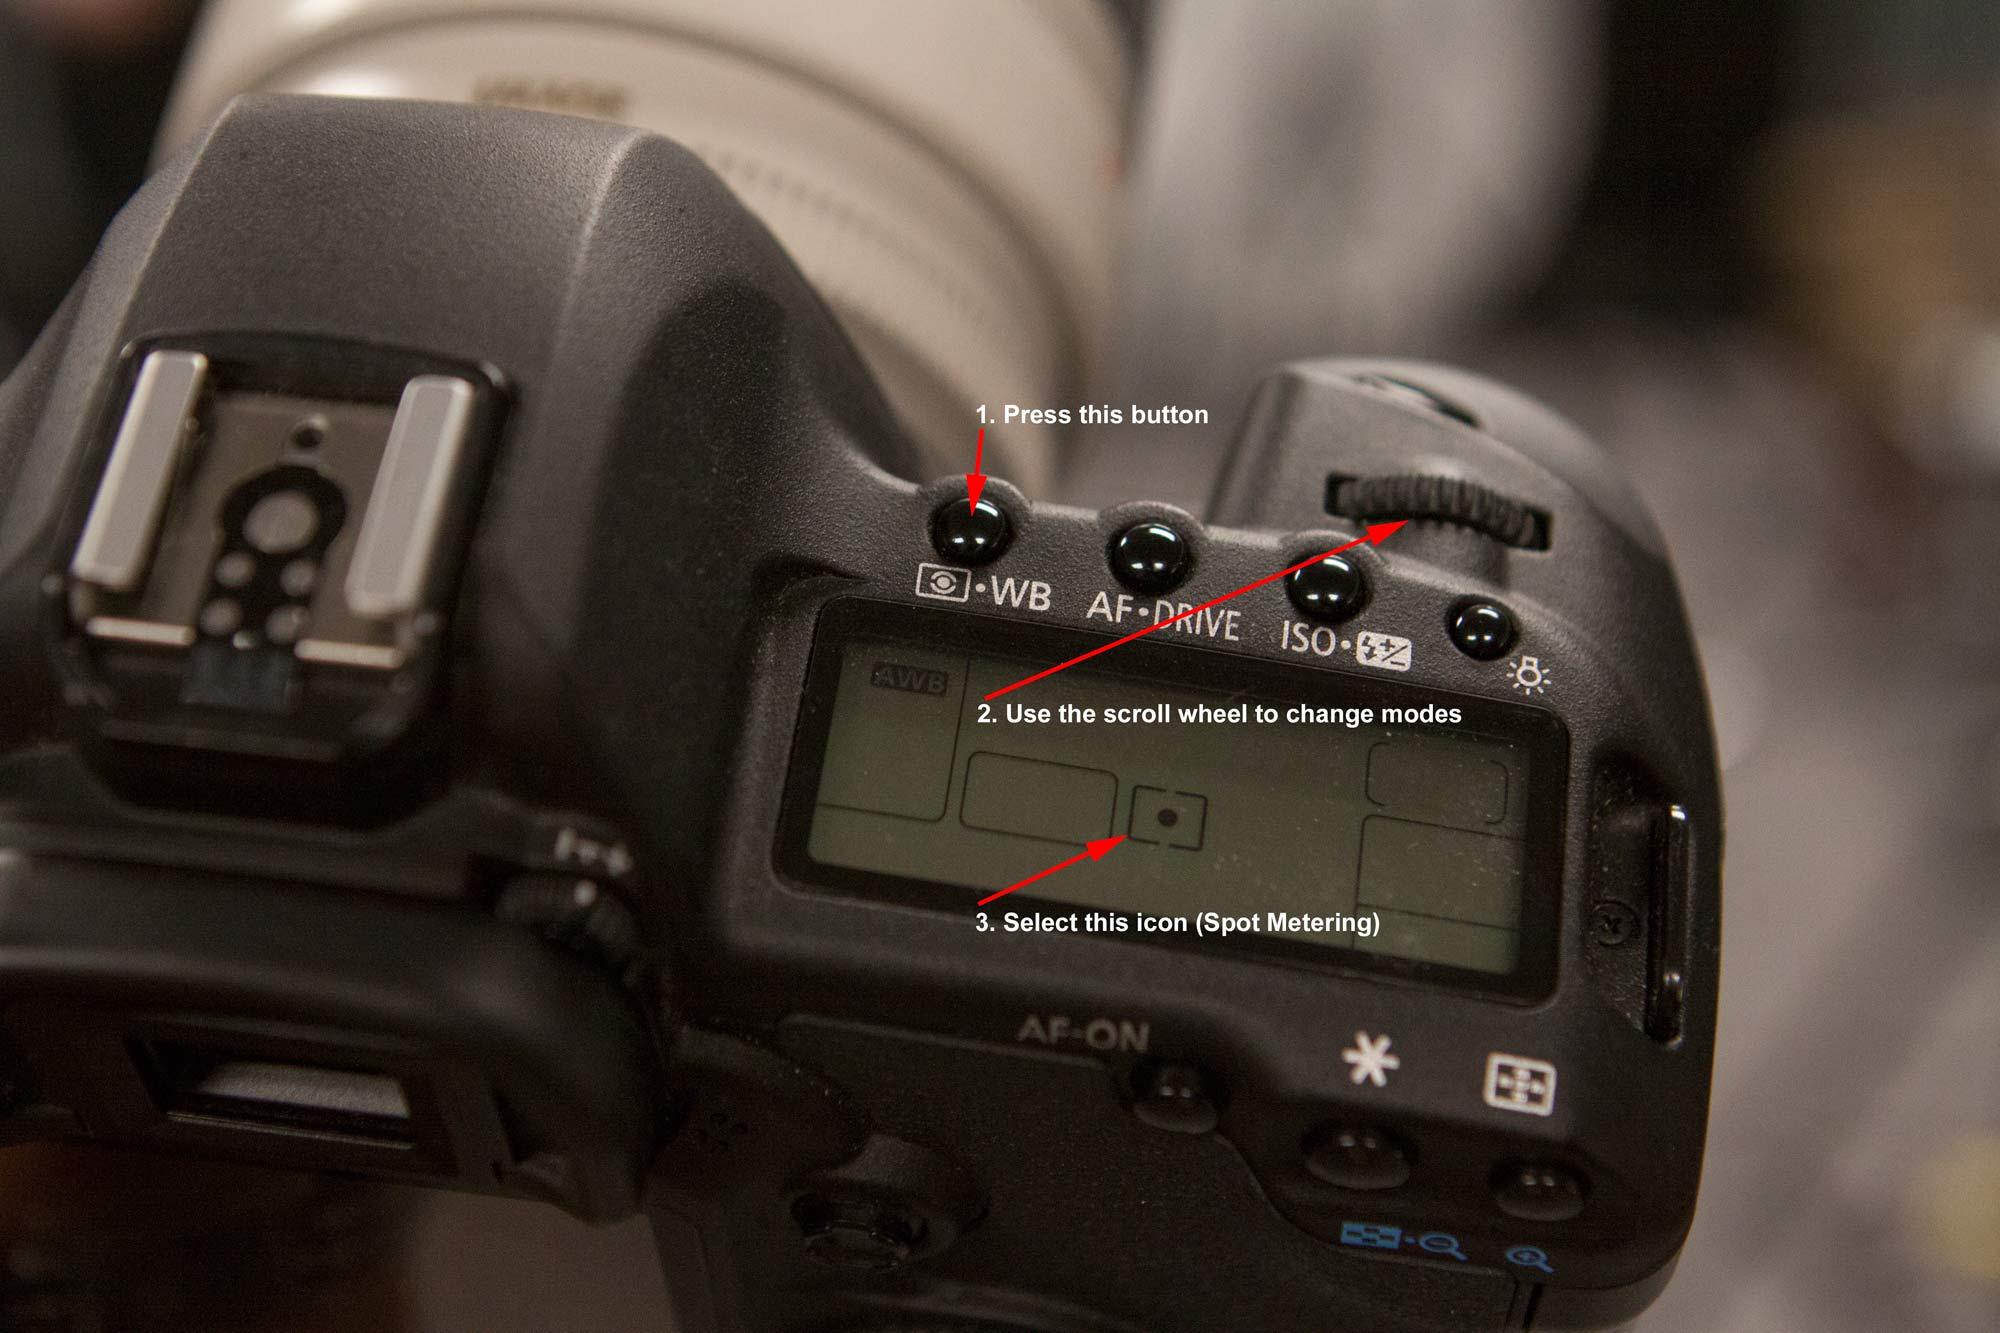 how to set canon 5d mar ii meetering